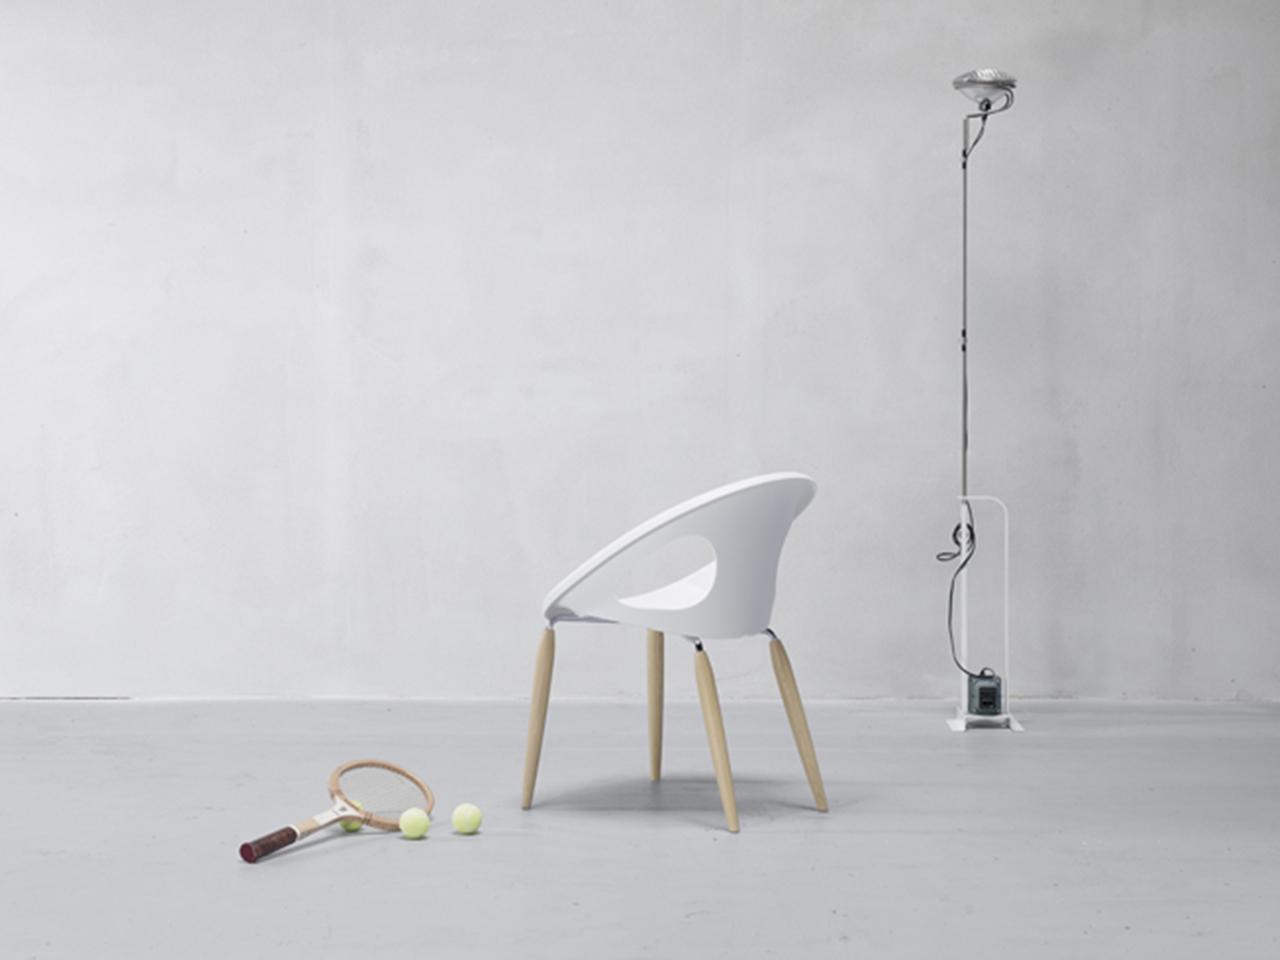 Кресло пластиковое Natural Drop 2021 г.